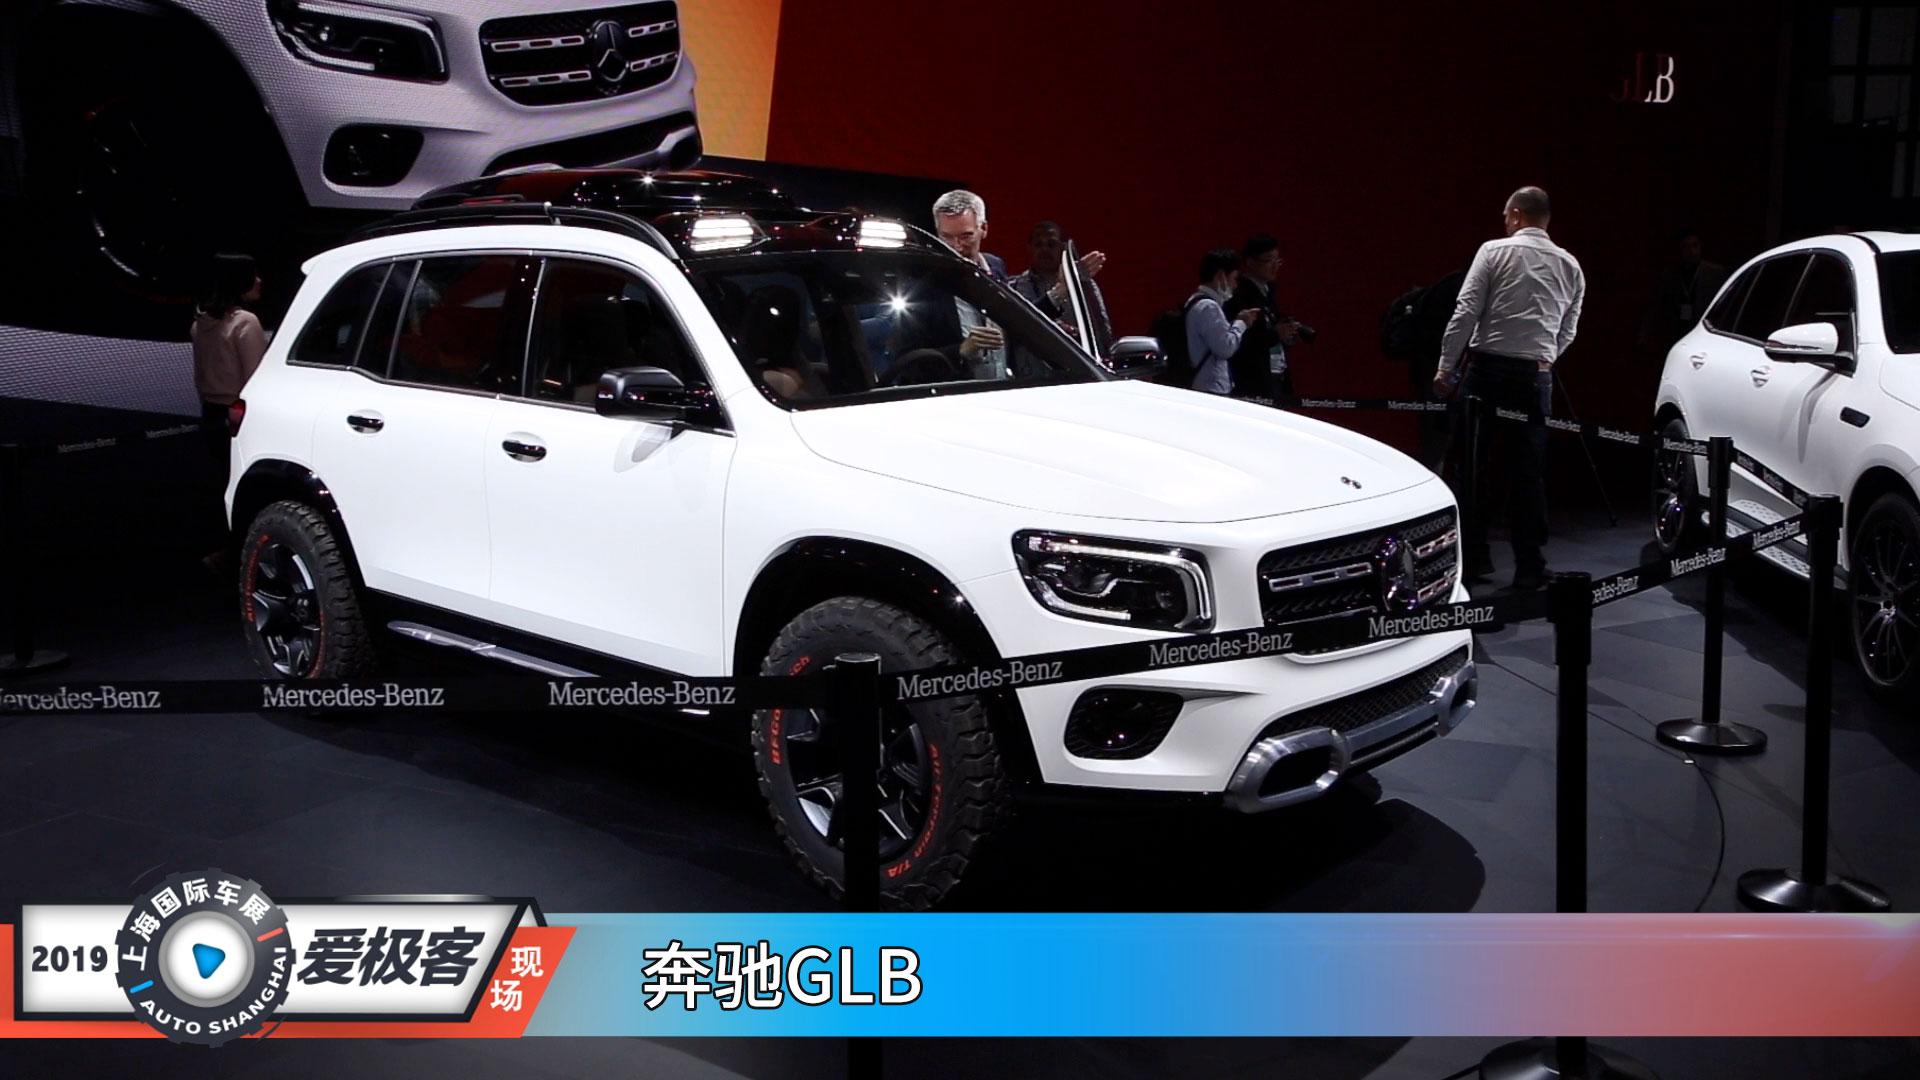 最便宜的奔驰7座SUV 上海车展体验奔驰全新GLB概念车